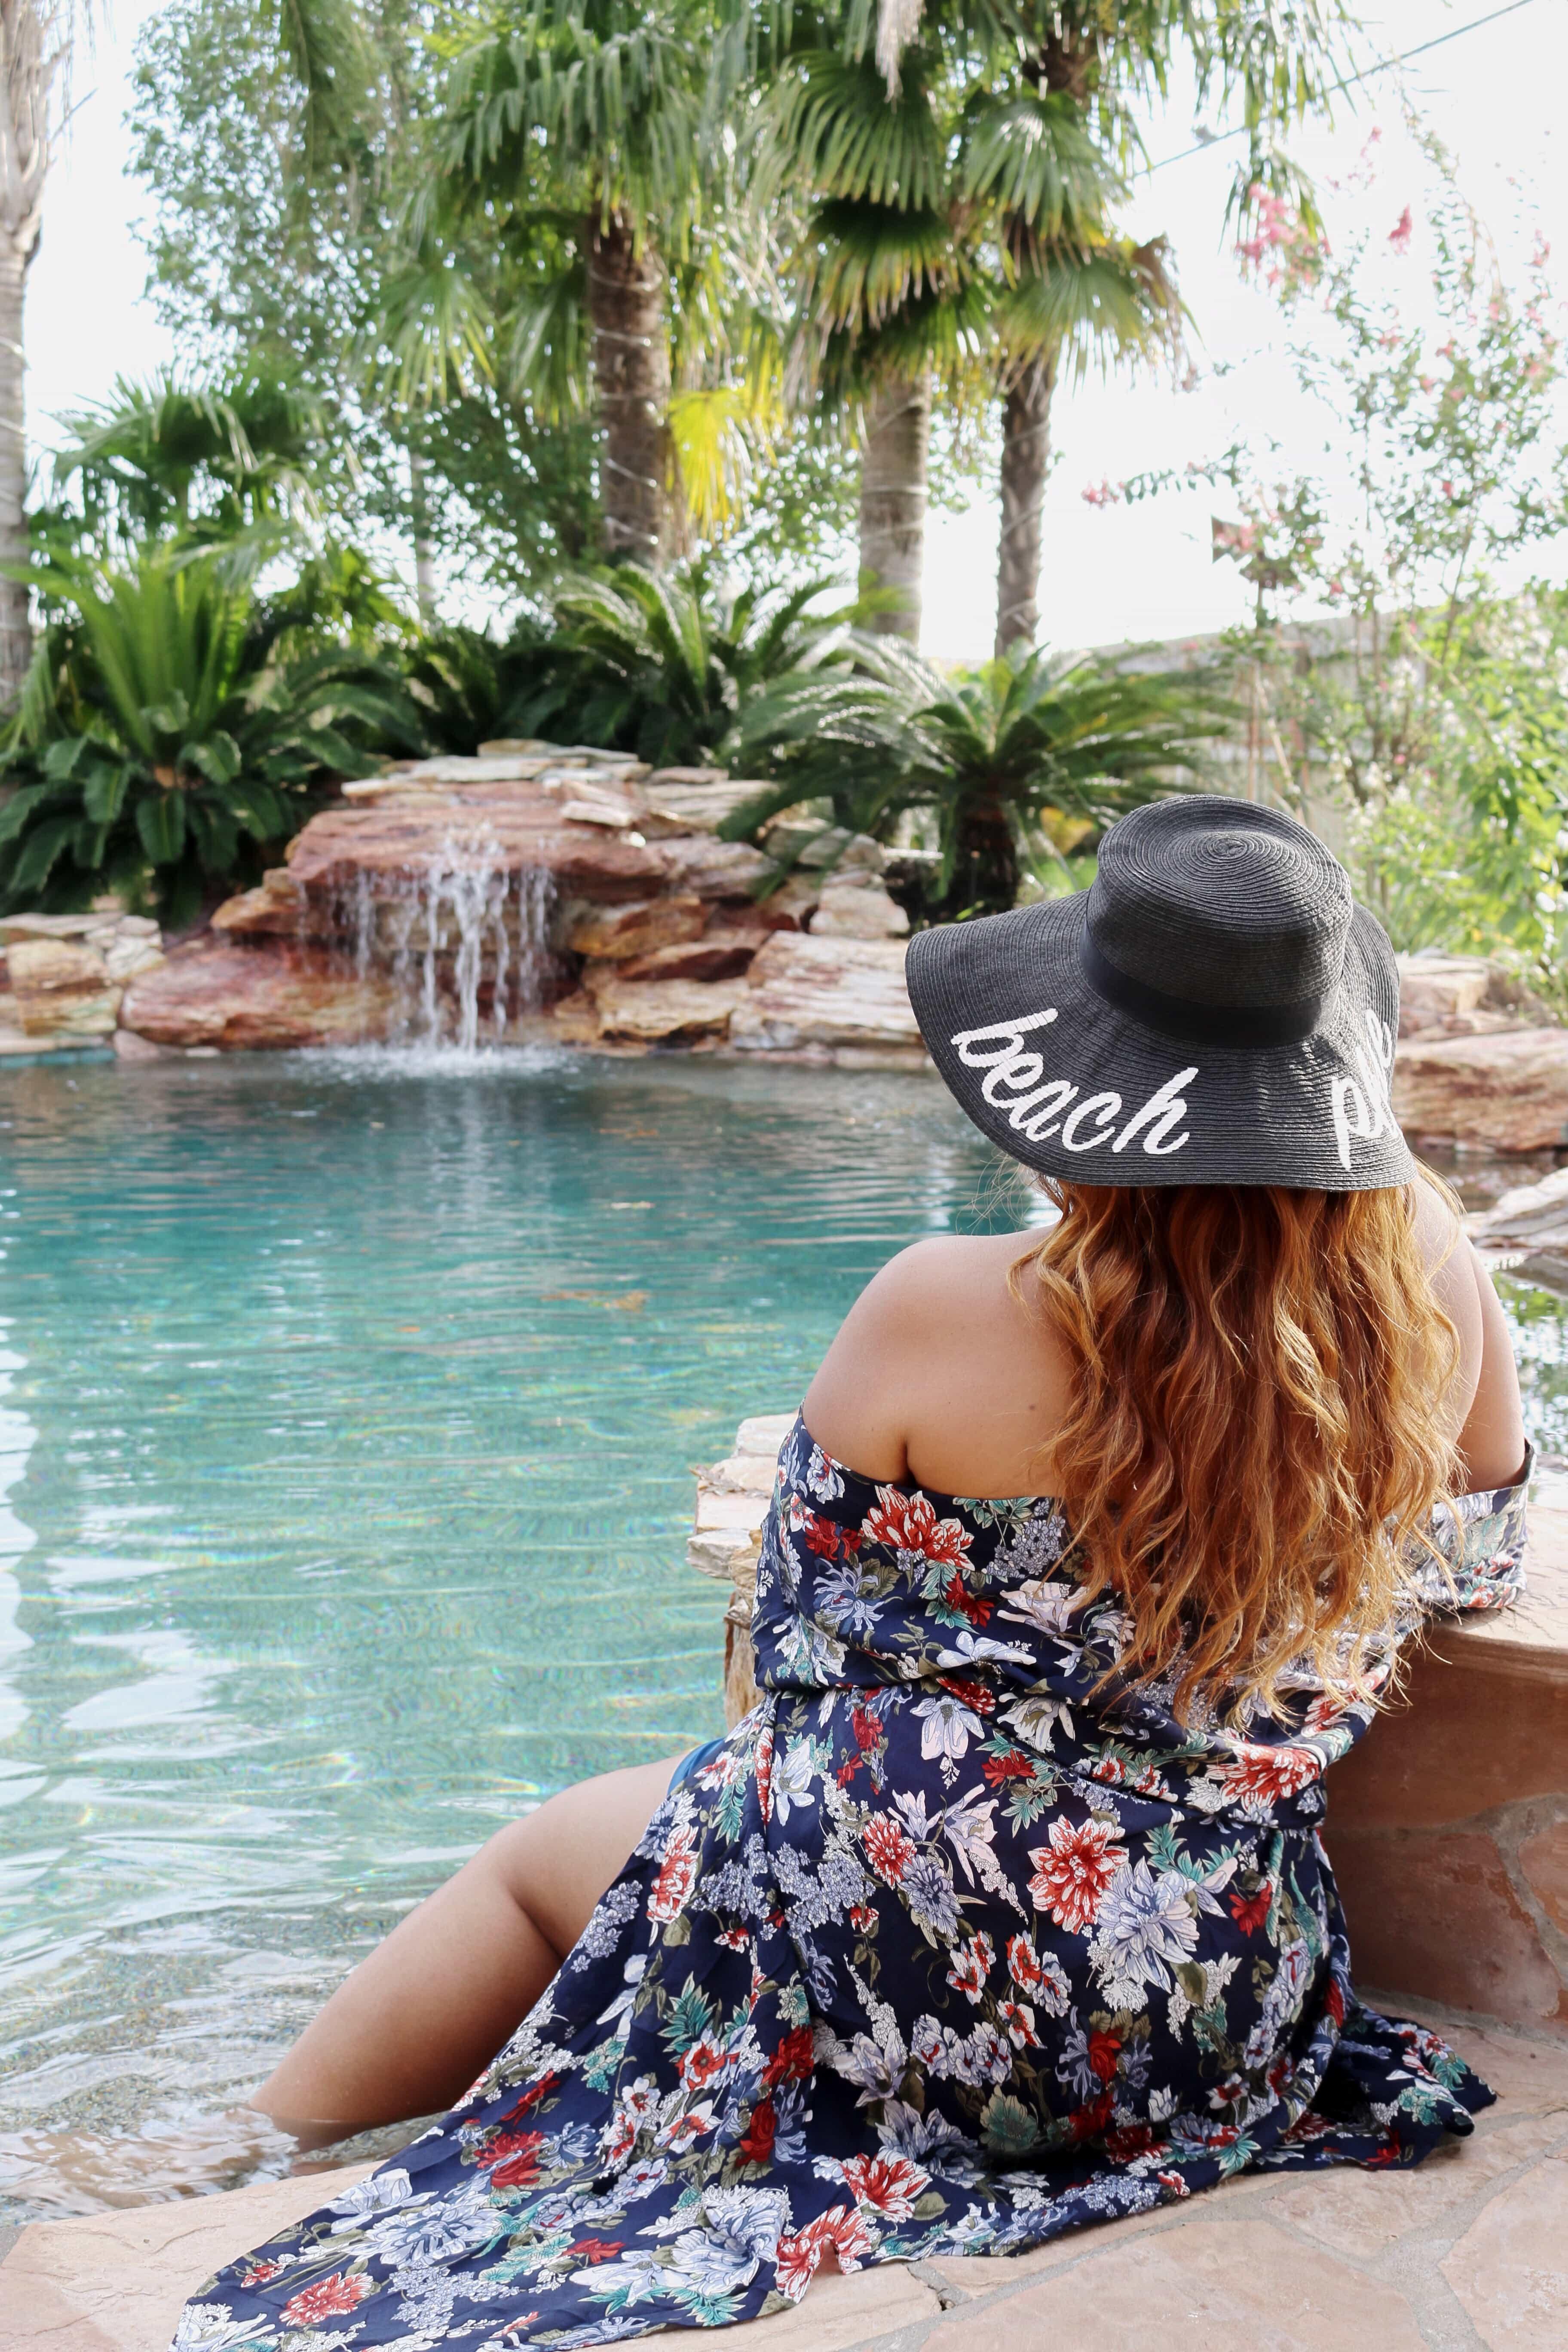 IMG 2954 1 - Sombreros de Verano que debes comprar ahora